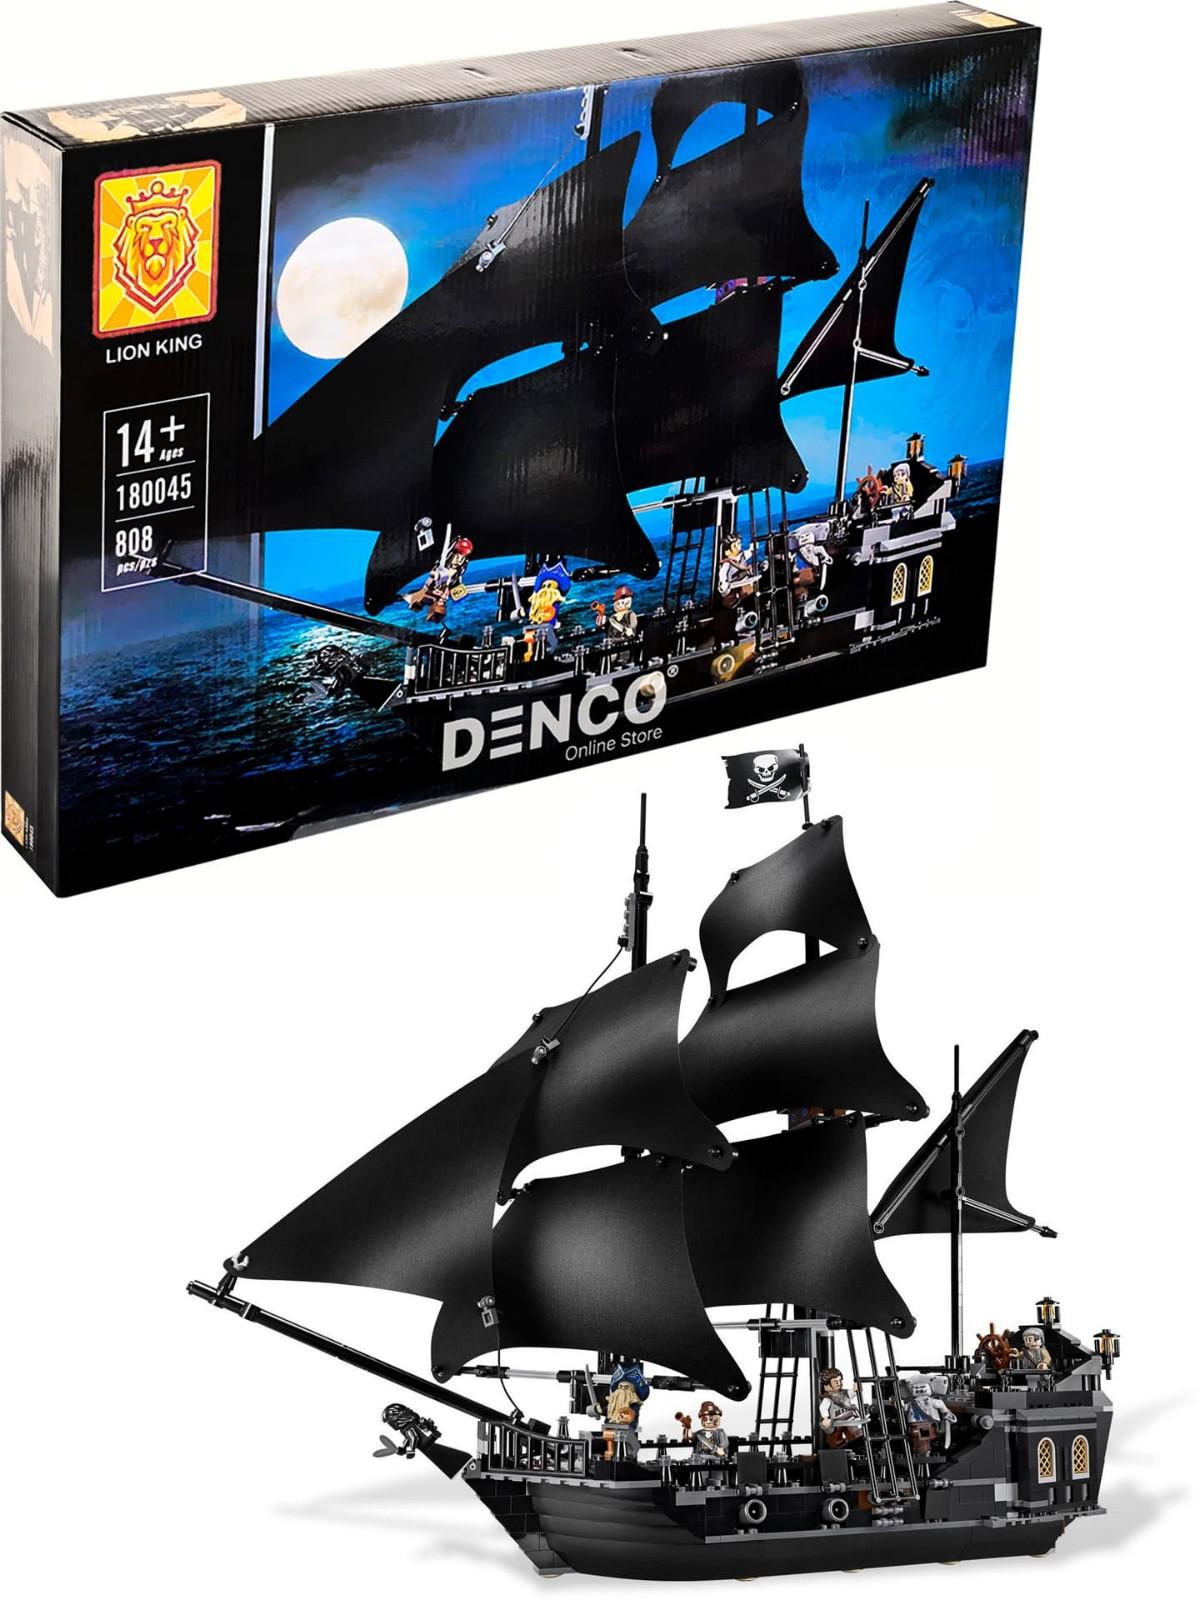 Конструктор Lion King «Чёрная жемчужина» 180045 (Pirates of the Caribaean 4184) / 808 деталей